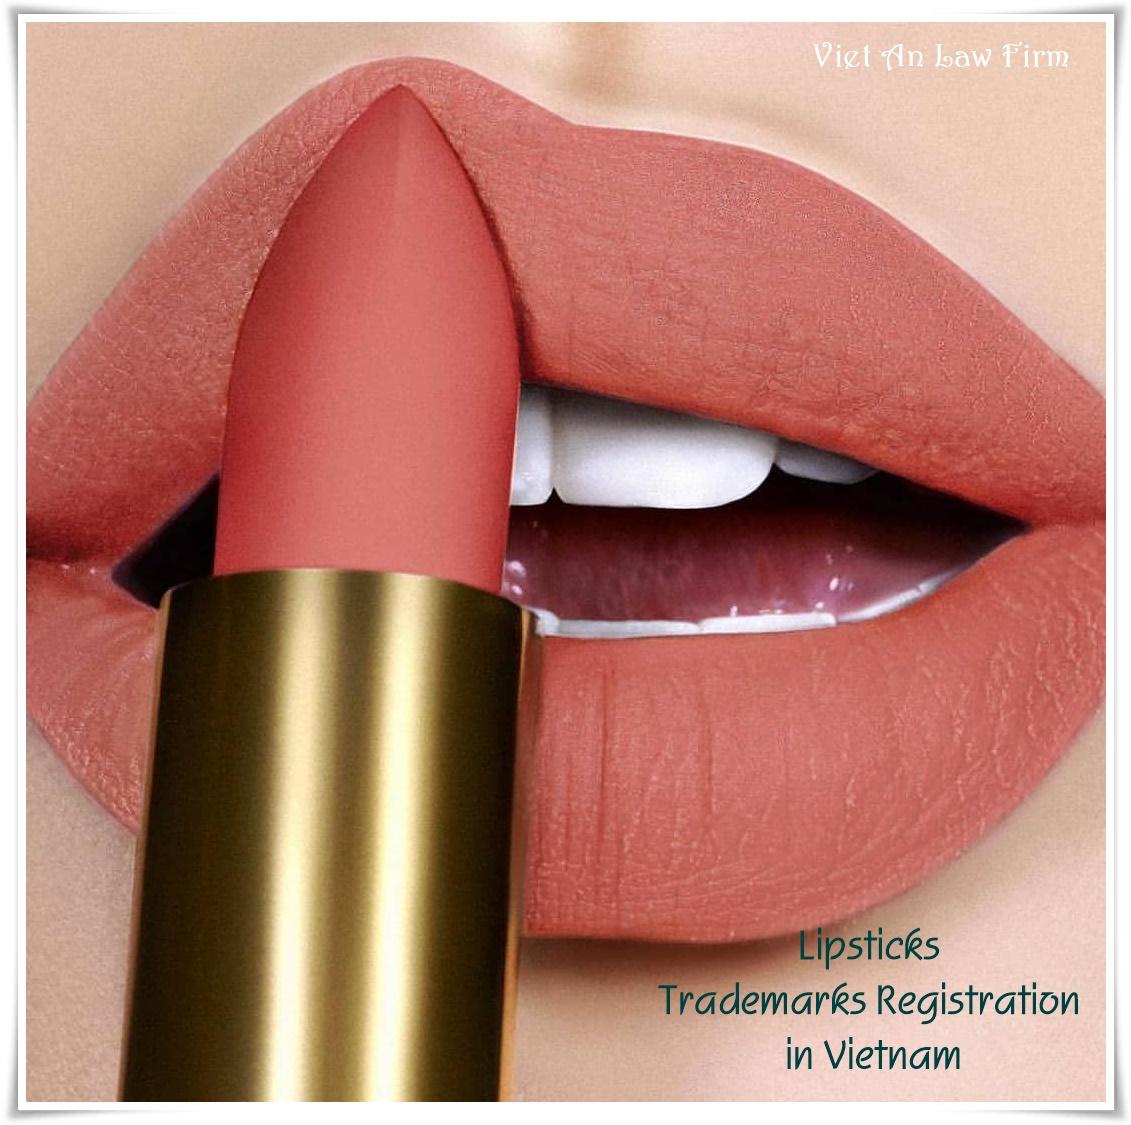 Lipsticks Trademarks Registration in Vietnam